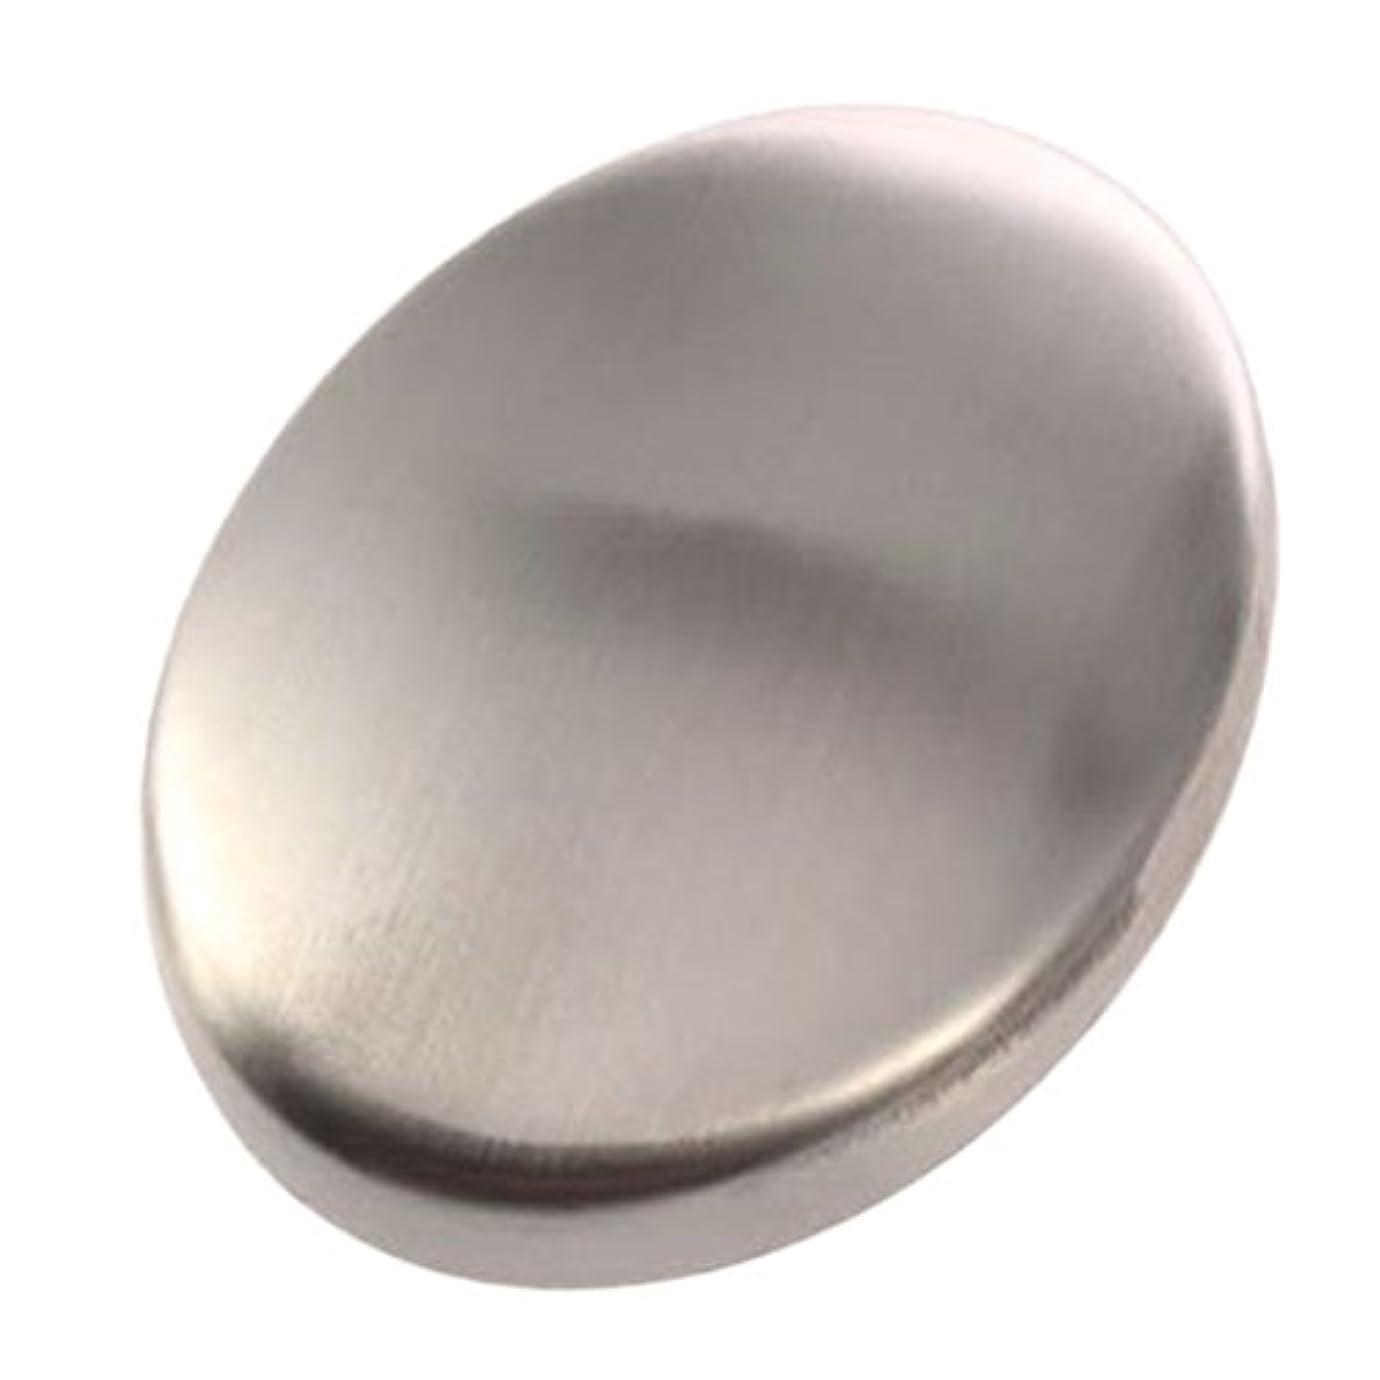 配分歌詞ボクシングZafina ステンレスソープ 円形 においとりソープ 臭い取り ステンレス石鹸